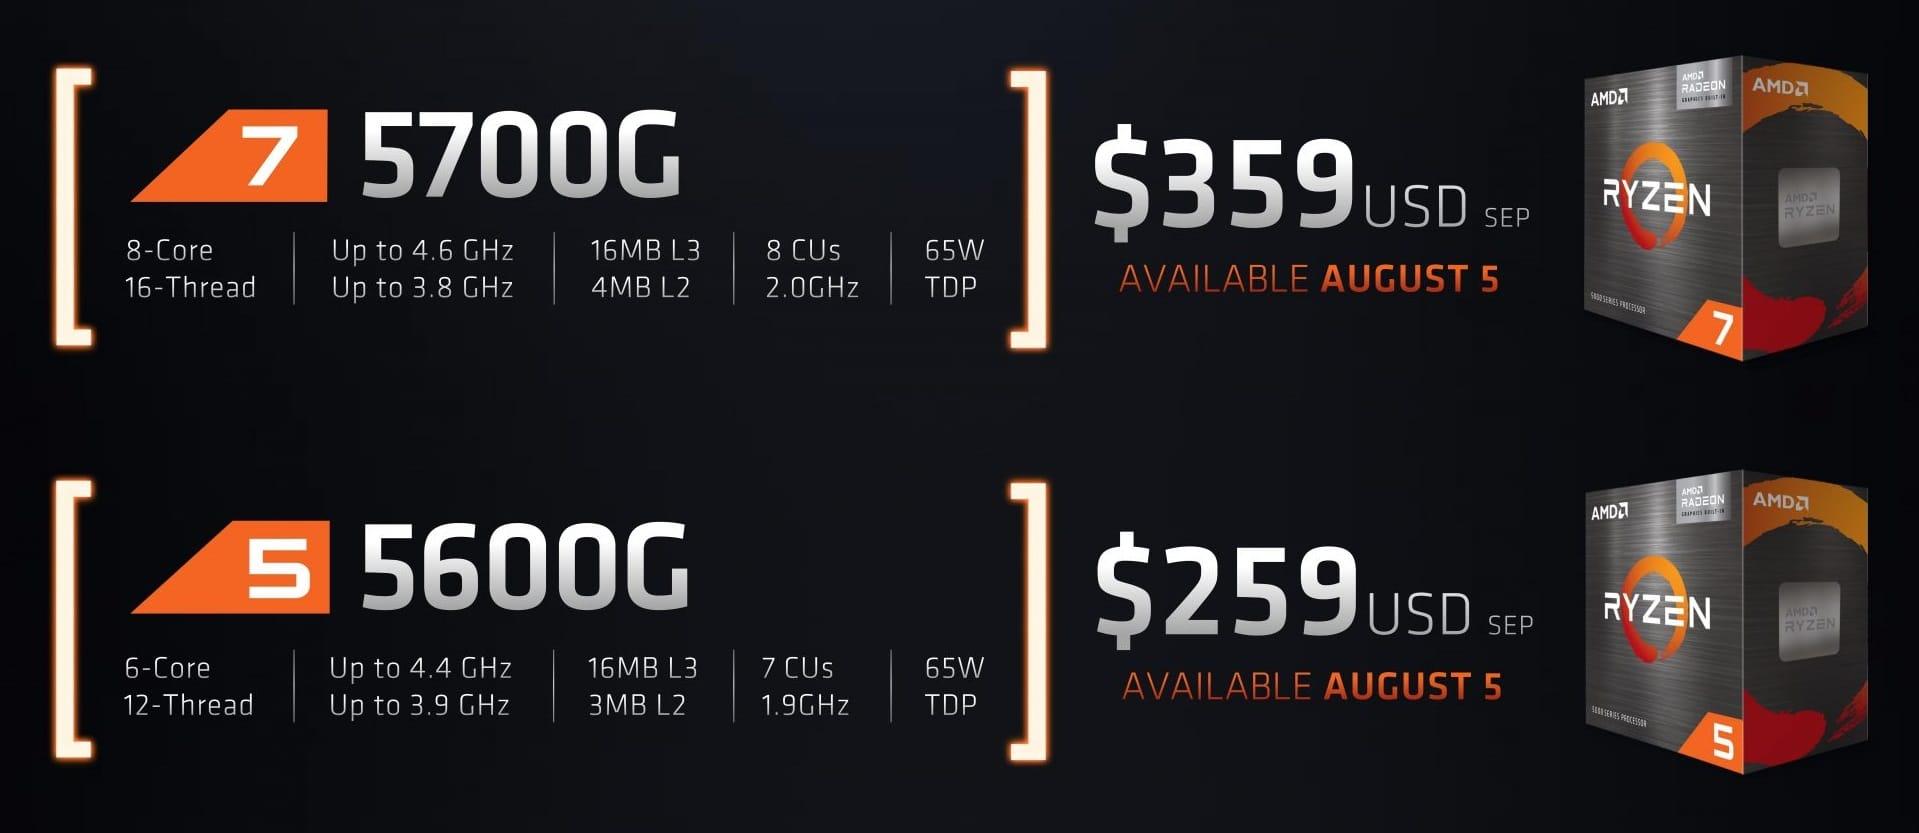 AMD anuncia sus APUs de sobremesa Ryzen 7 5700G y Ryzen 5 5600G